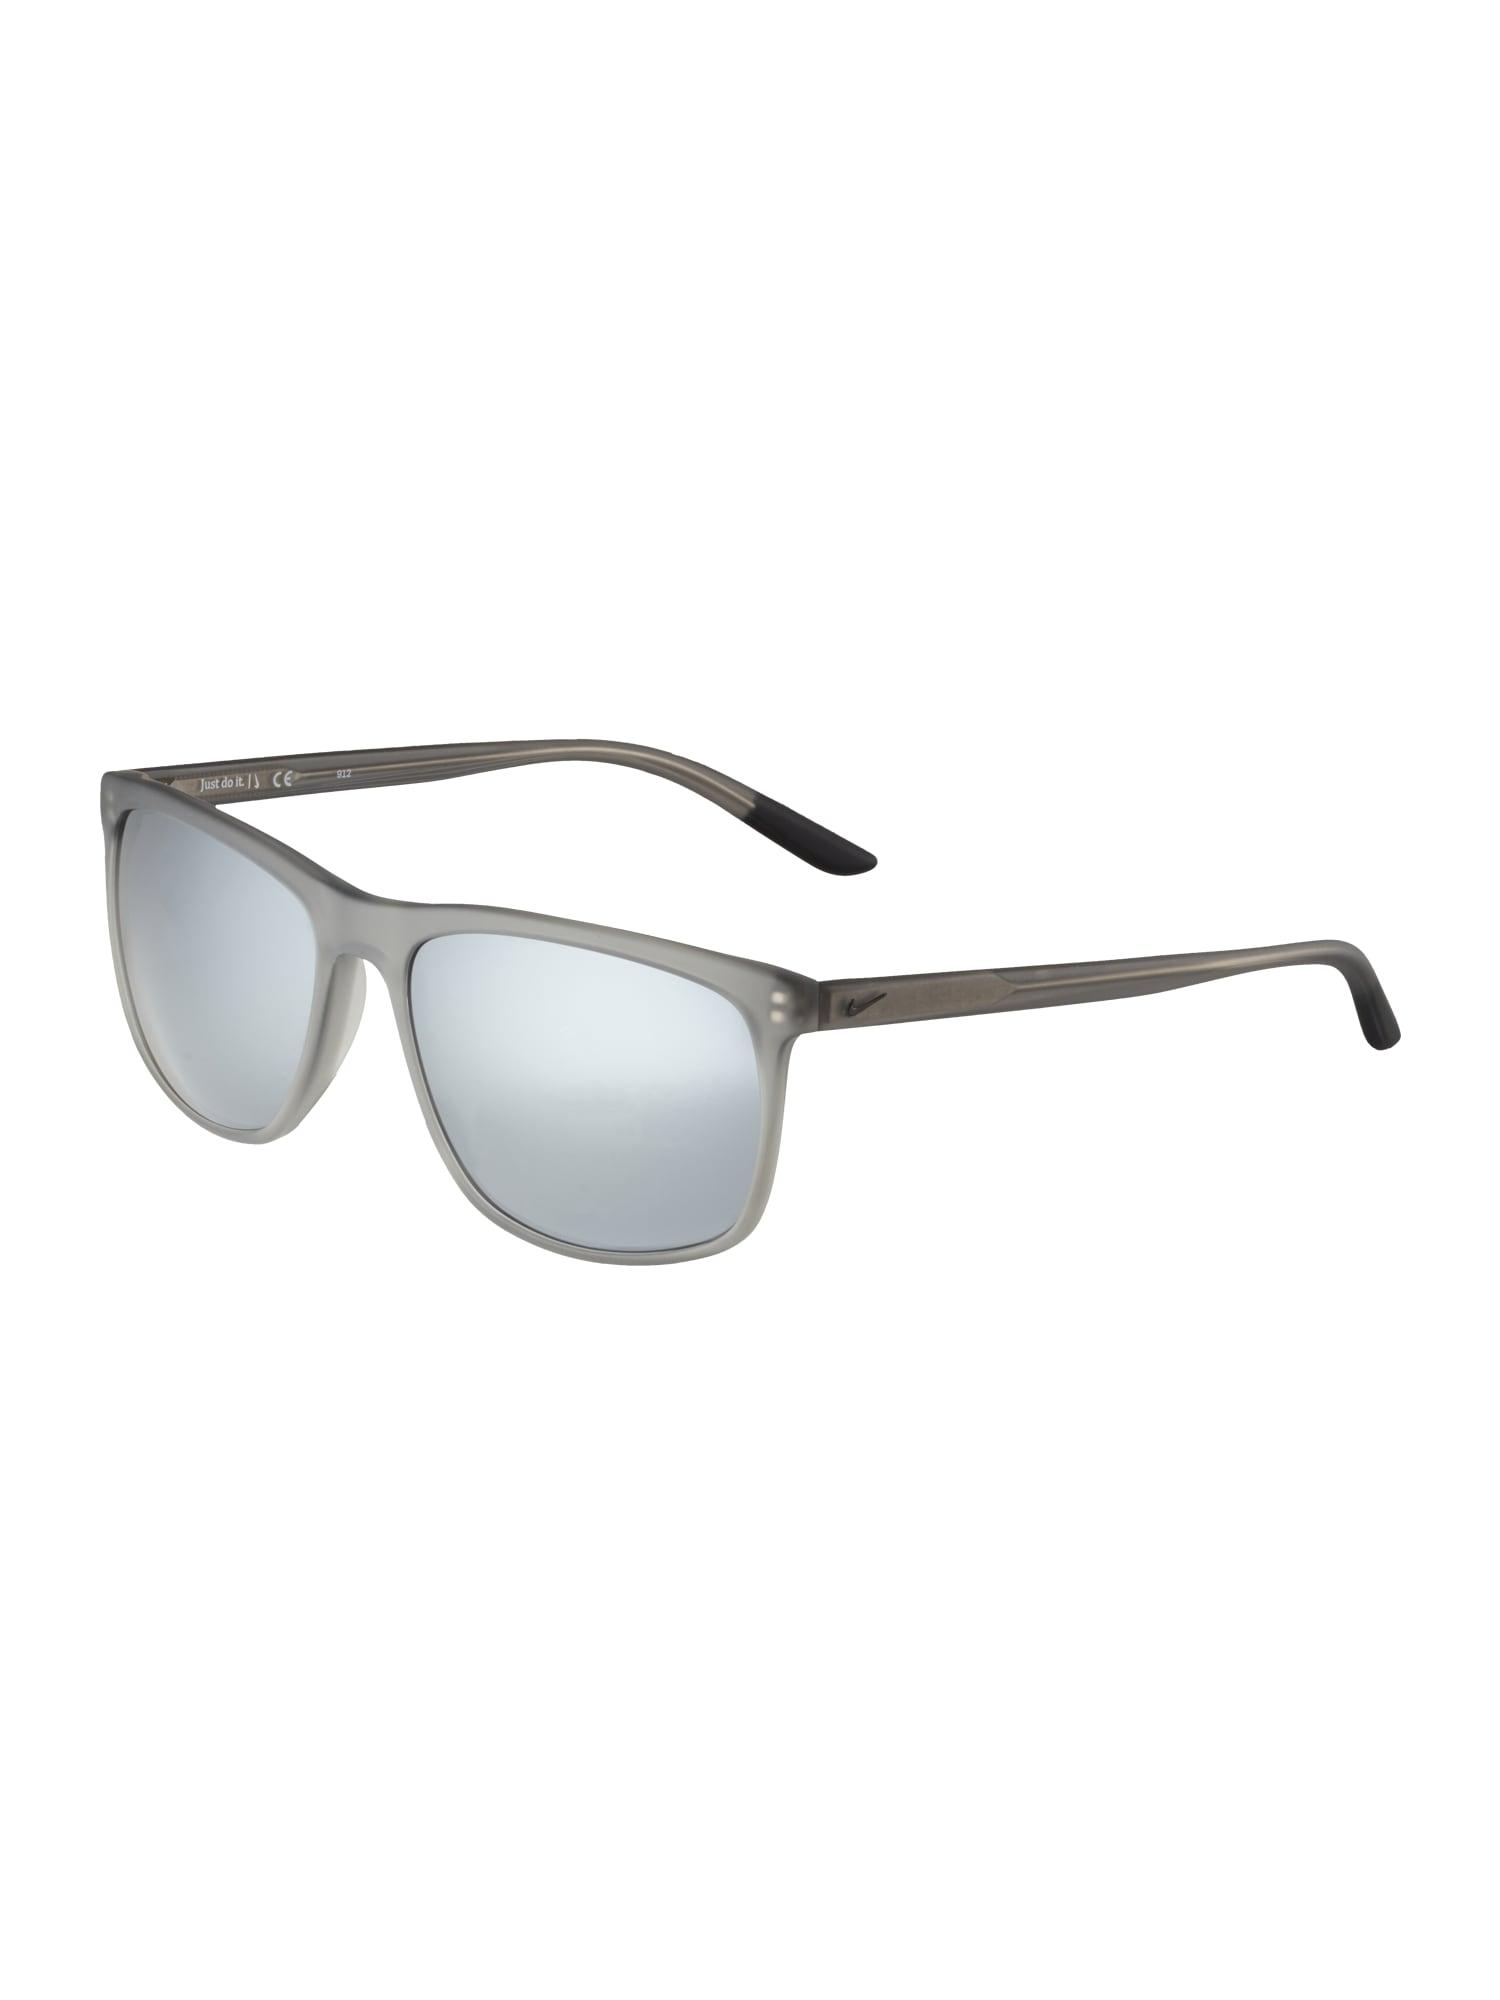 NIKE Sportiniai akiniai nuo saulės